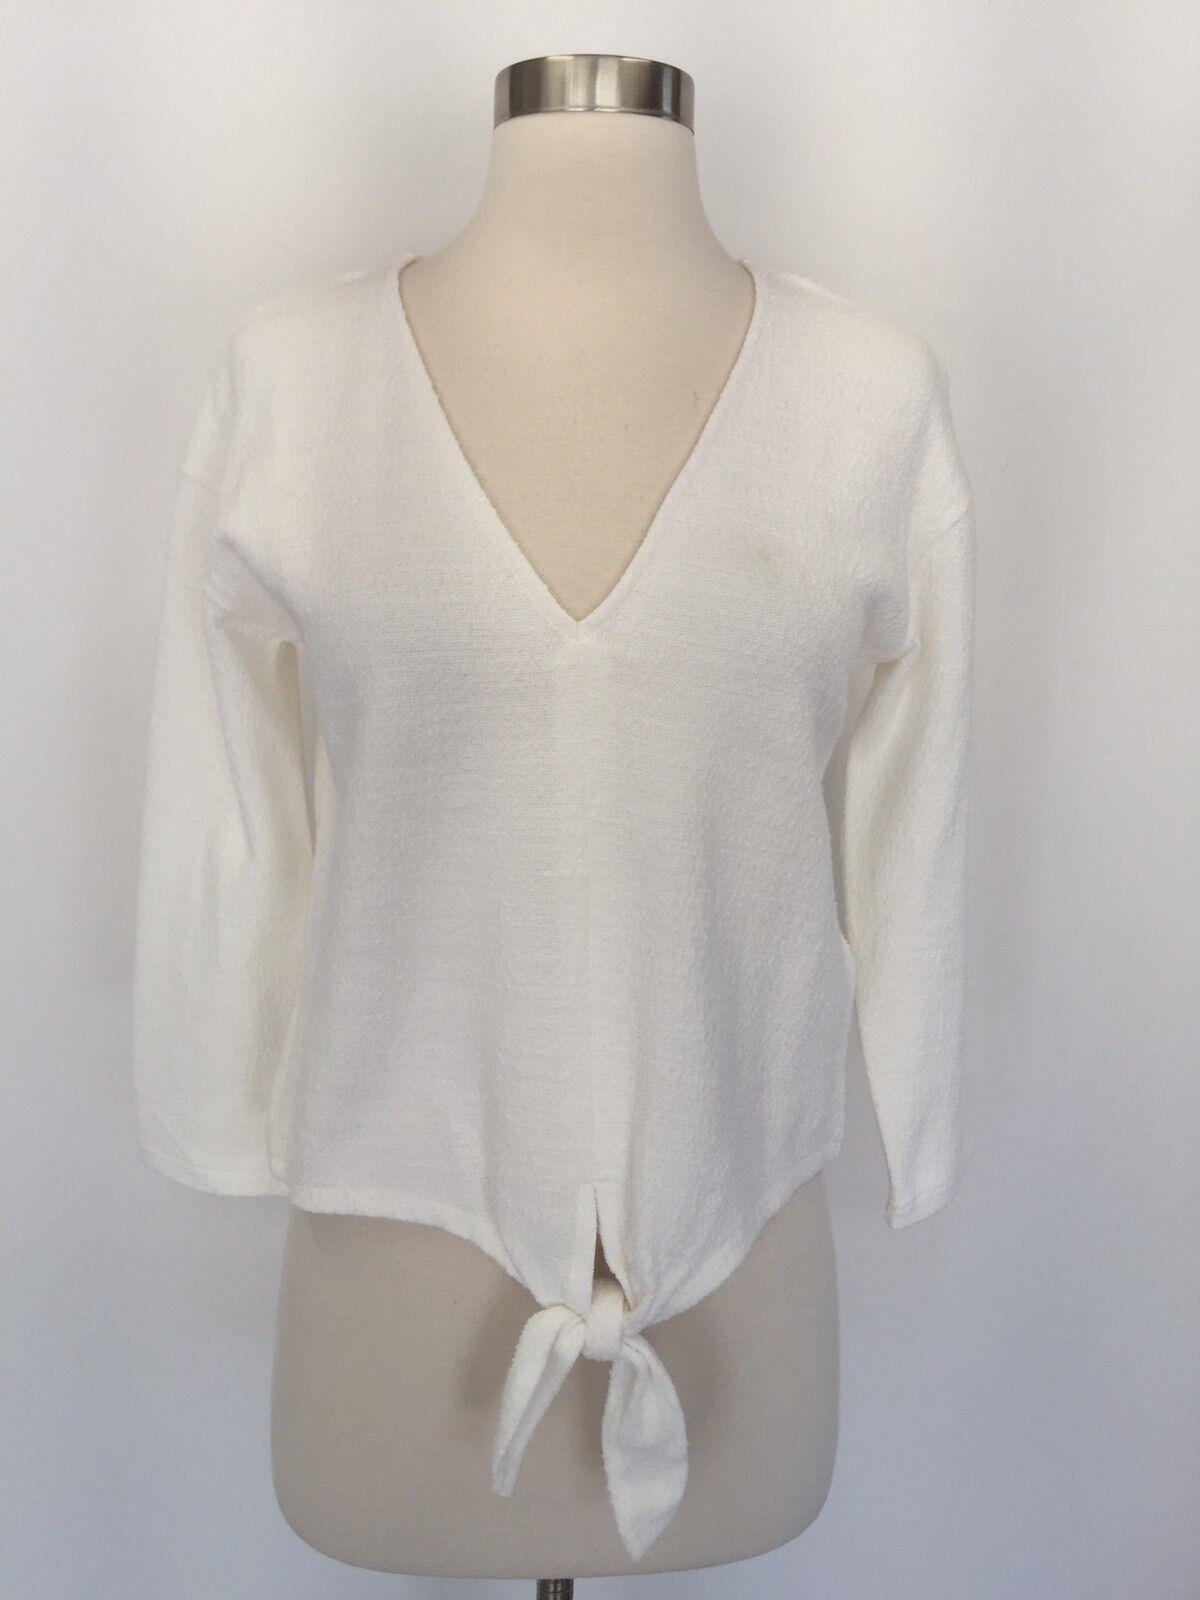 Madewell New Texturot Tie Ftont Top Shirt H7993 Größe XS Ivory